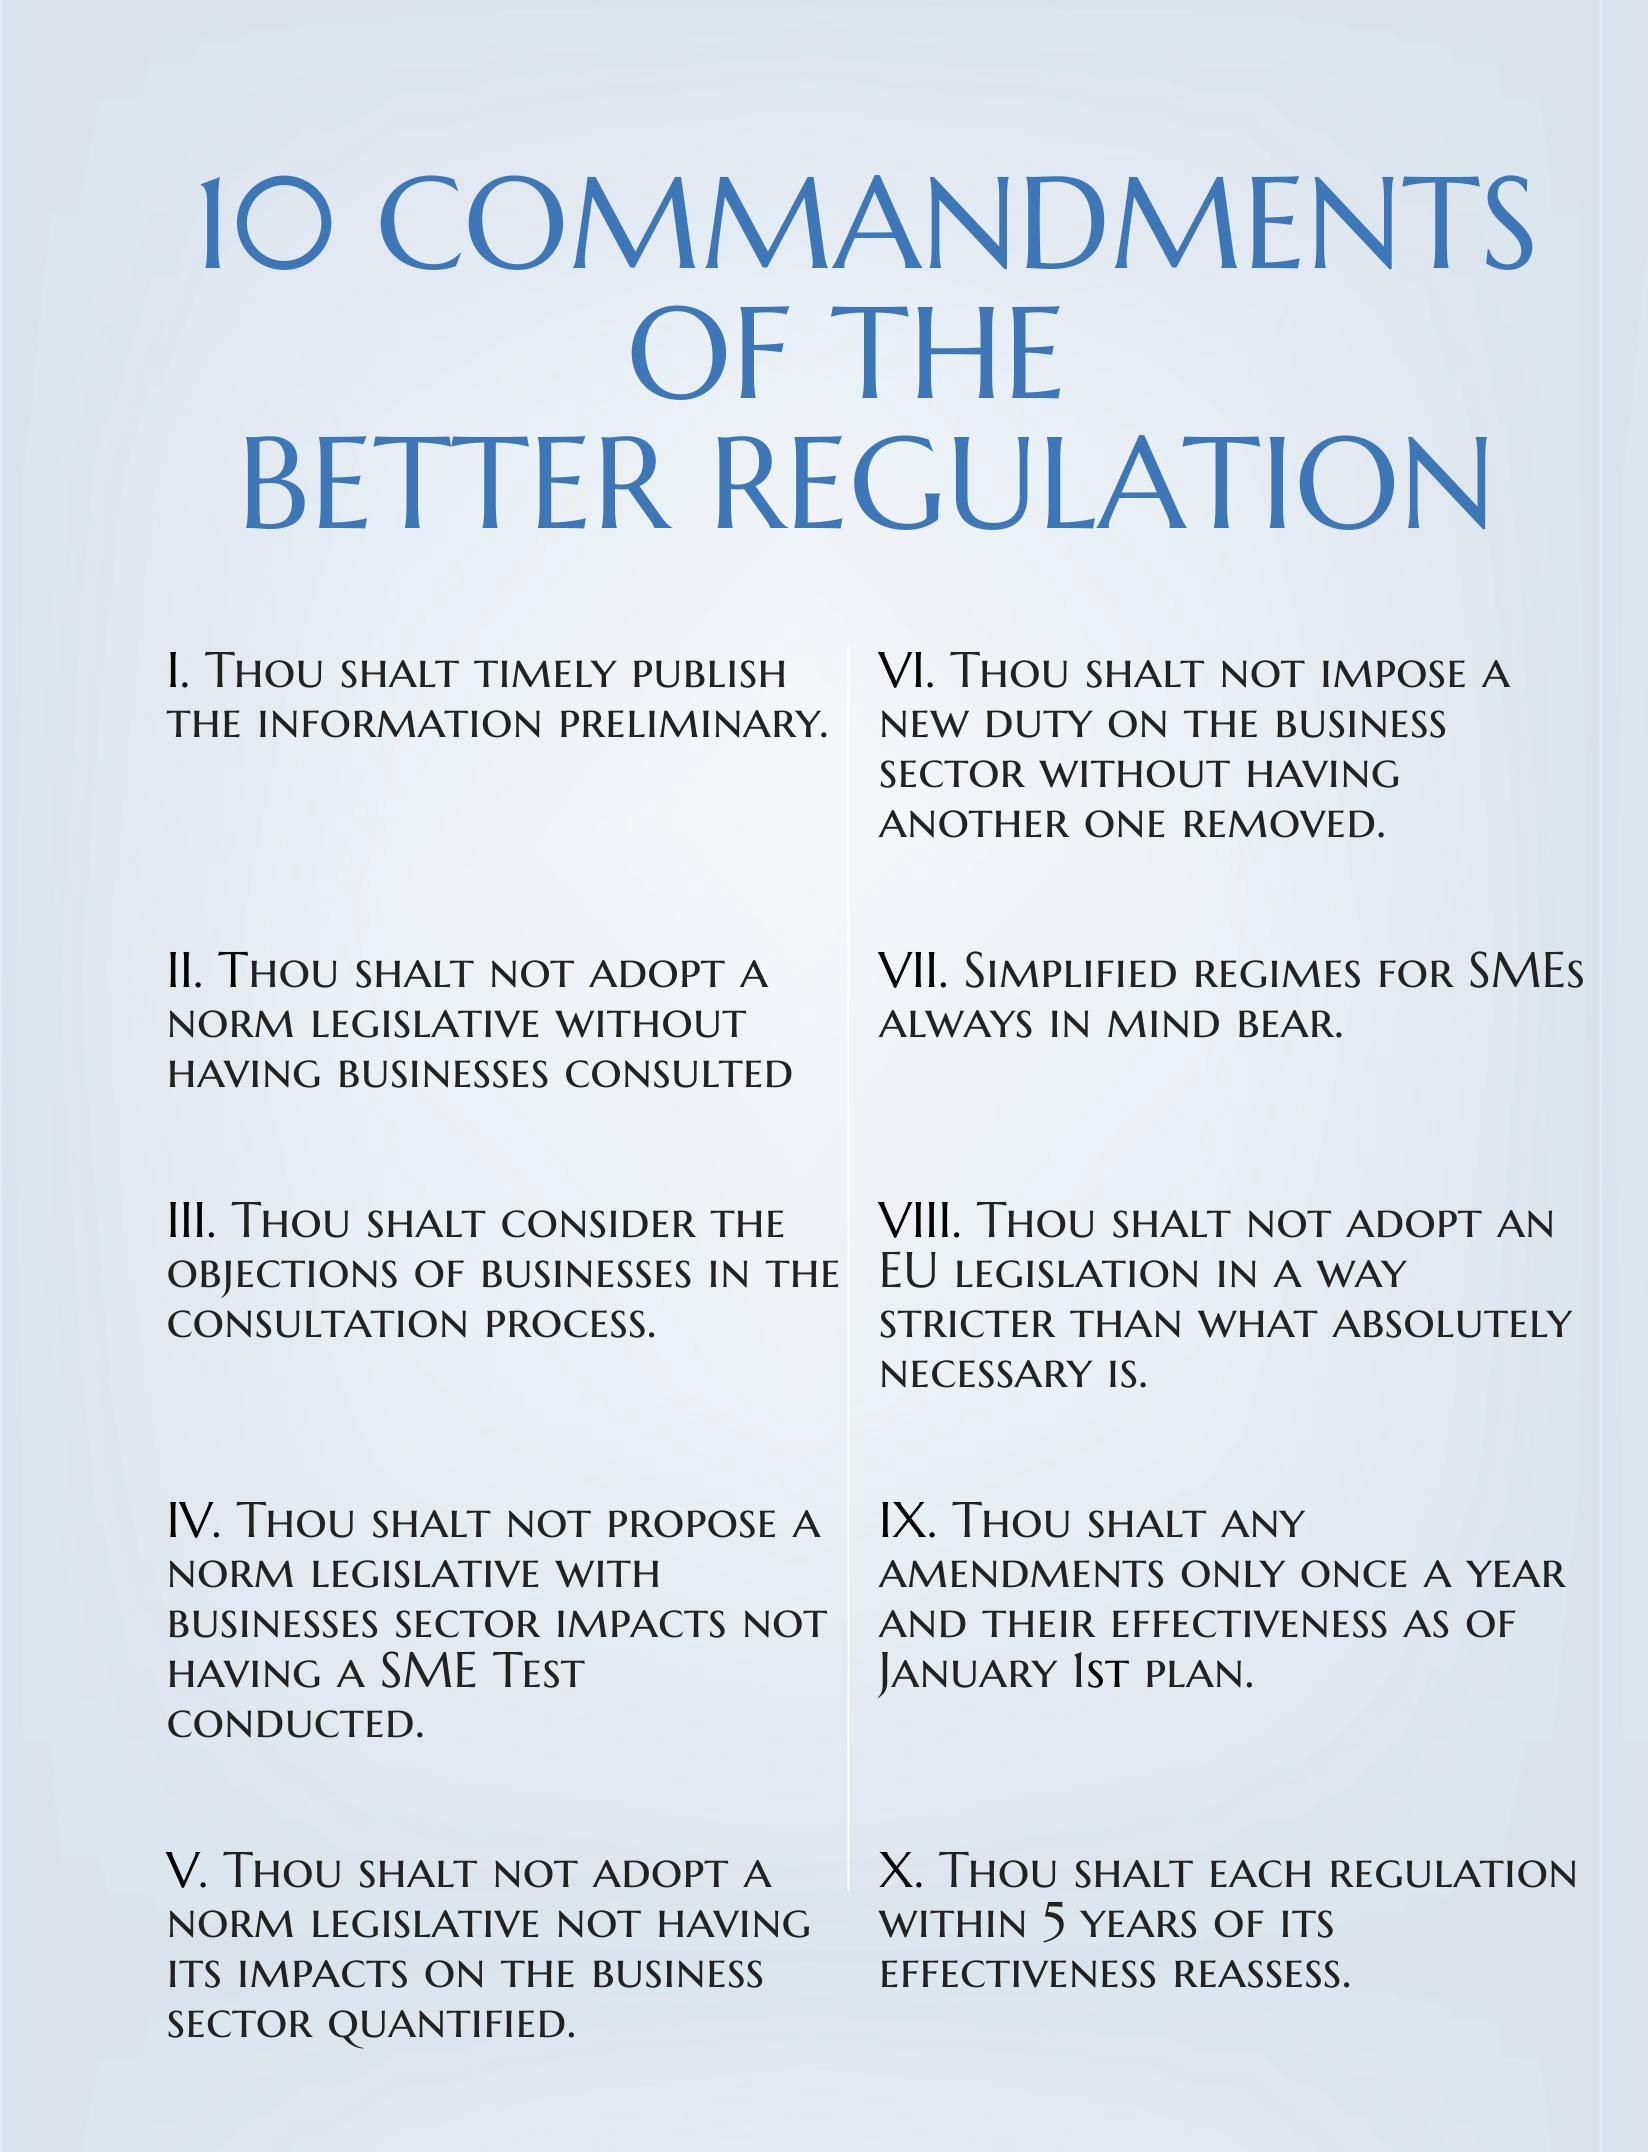 Desatoro lepšej regulácie